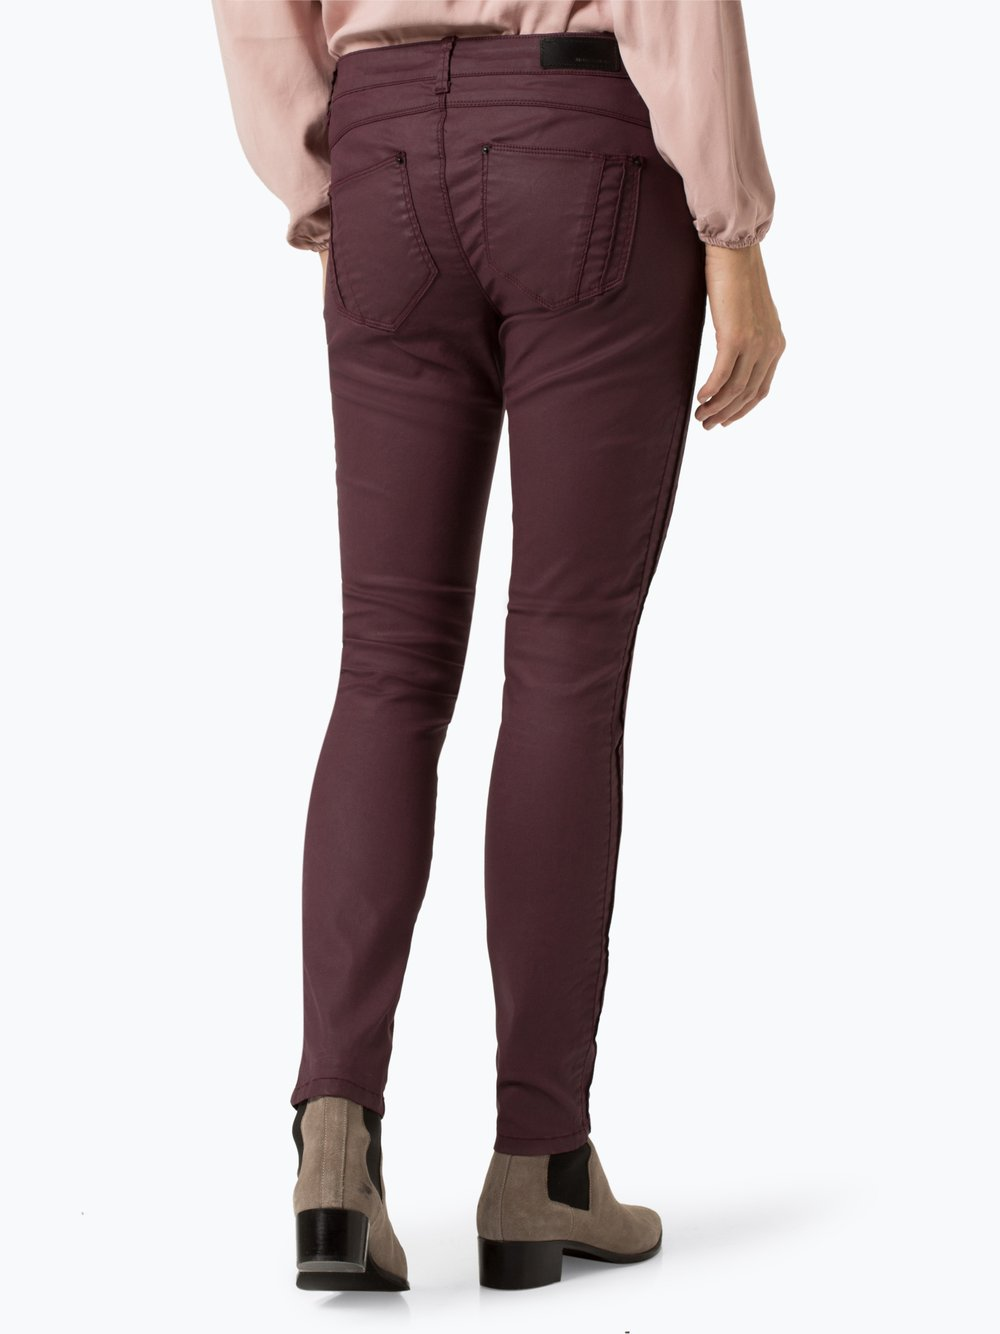 More & More Damen Hose Hazel online kaufen | PEEK UND